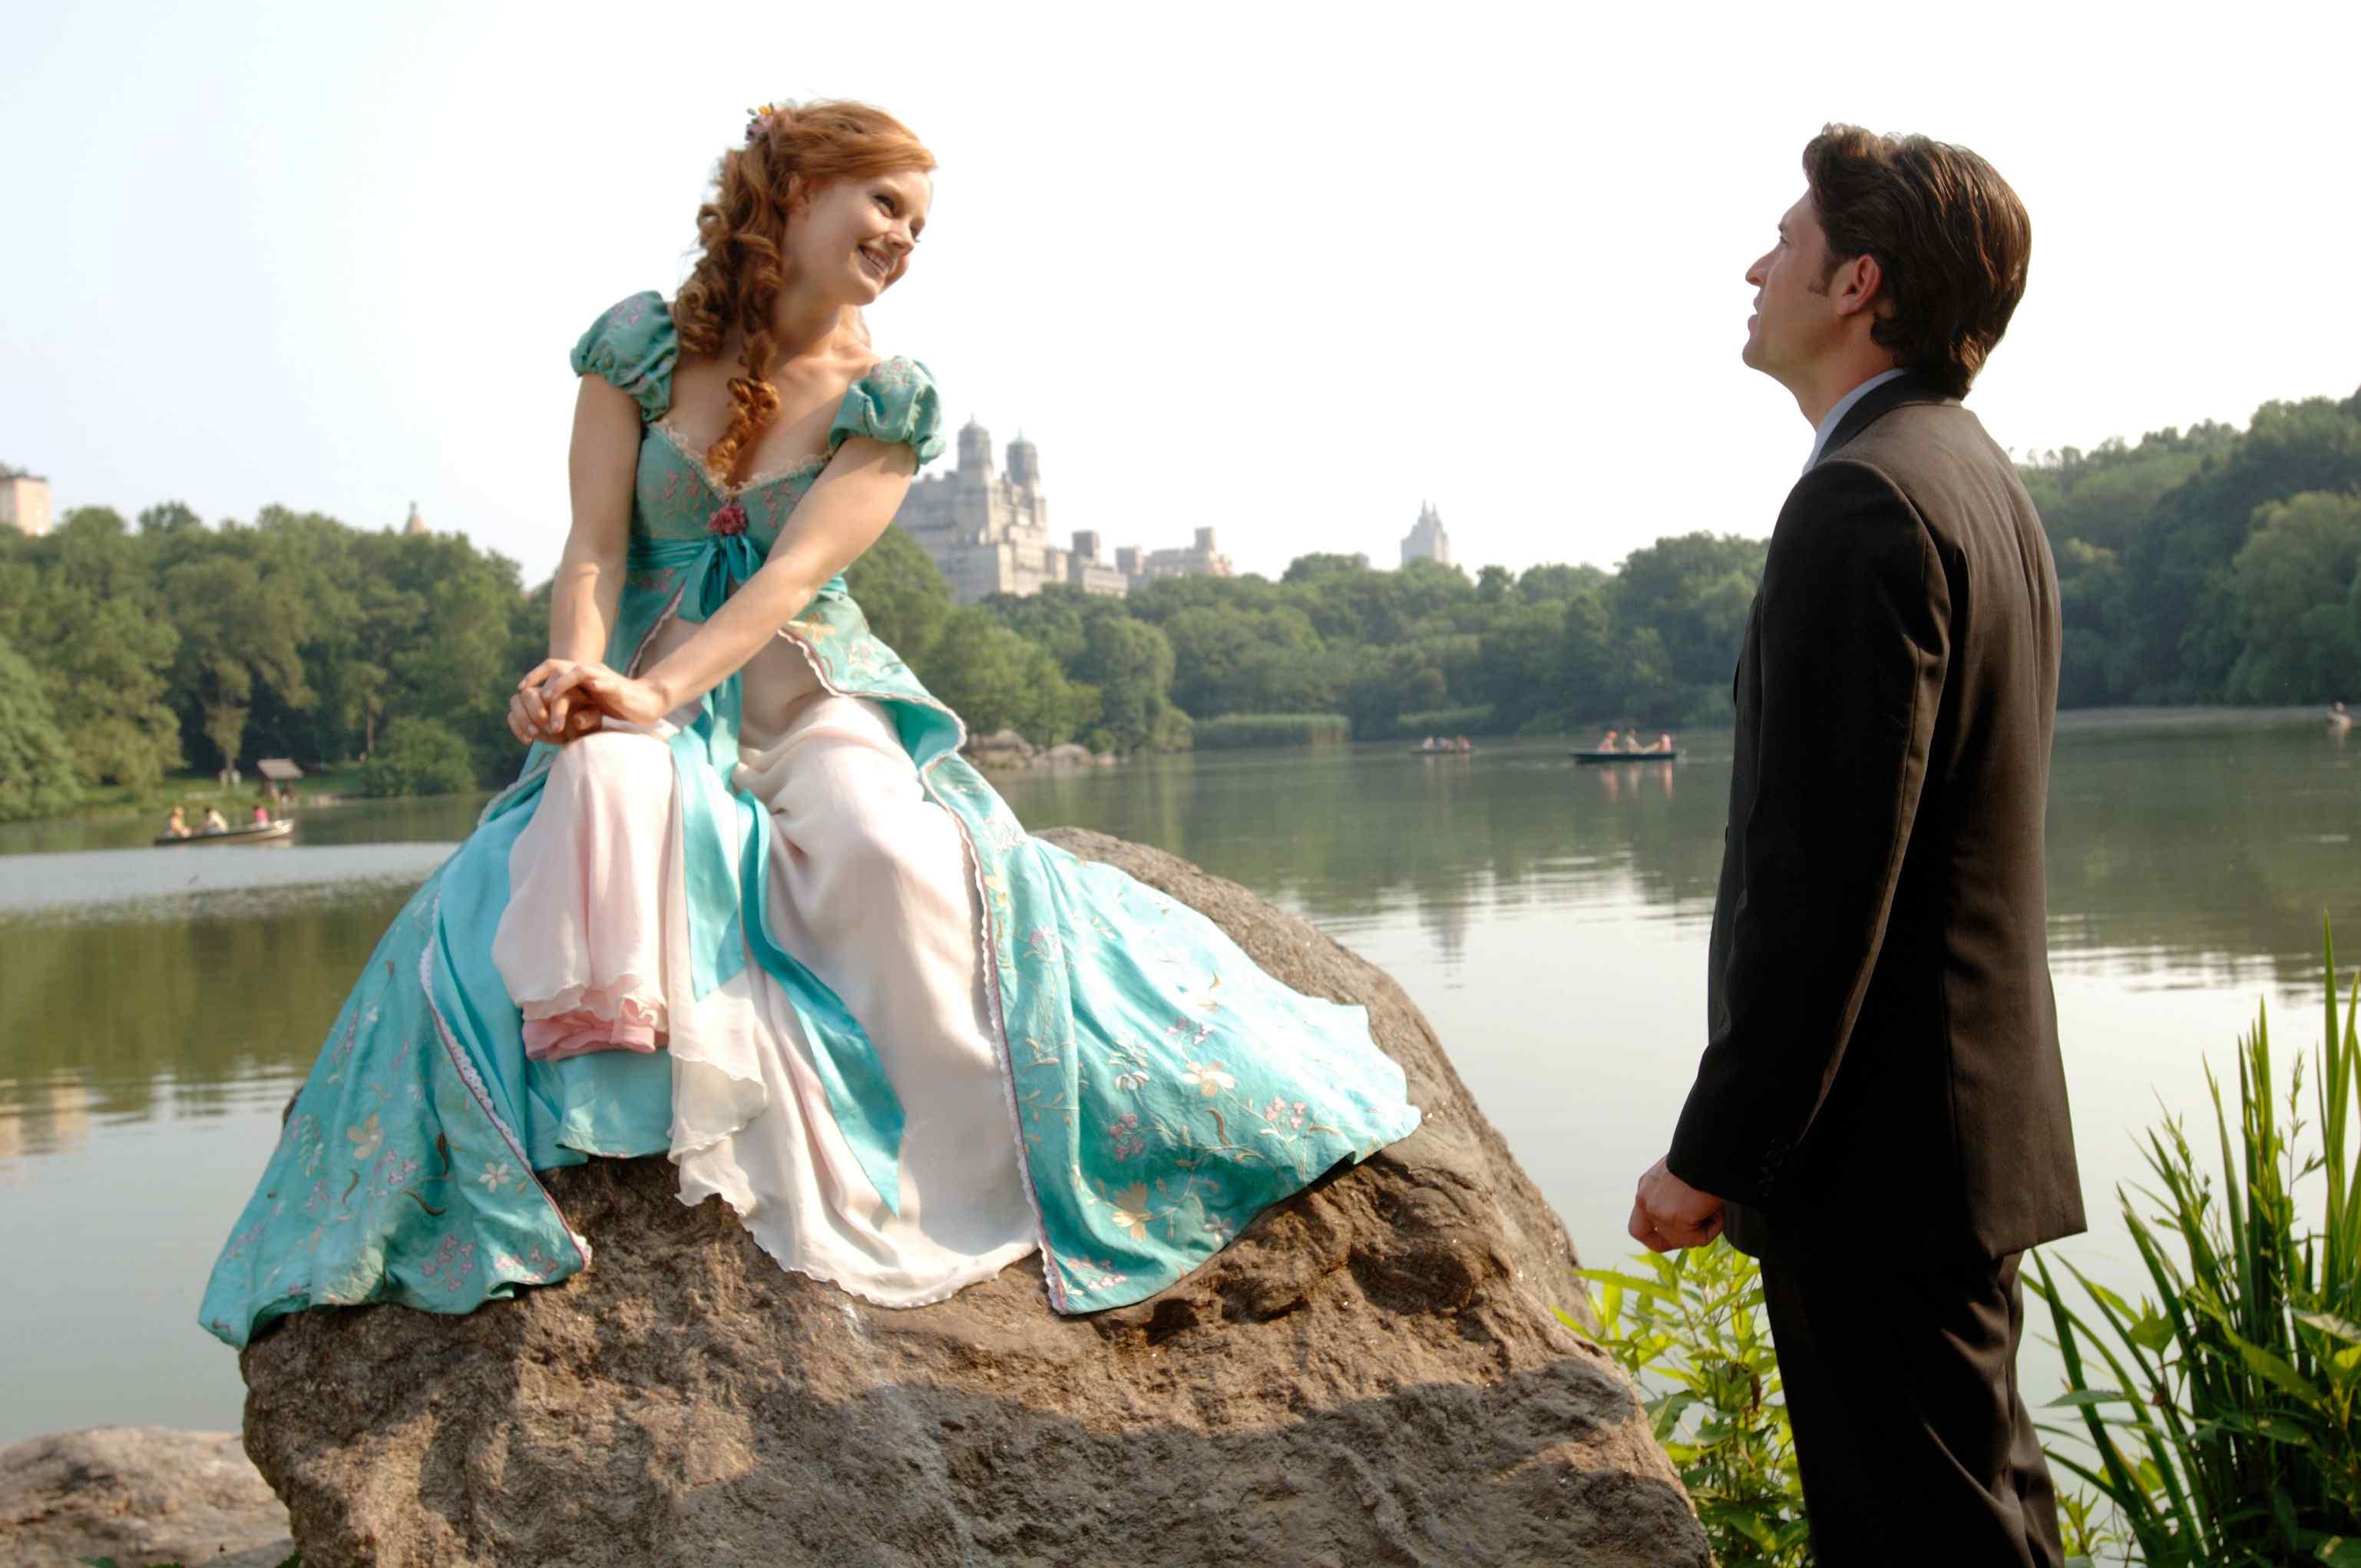 'Enchanted' Sequel Lands New Director in Adam Shankman